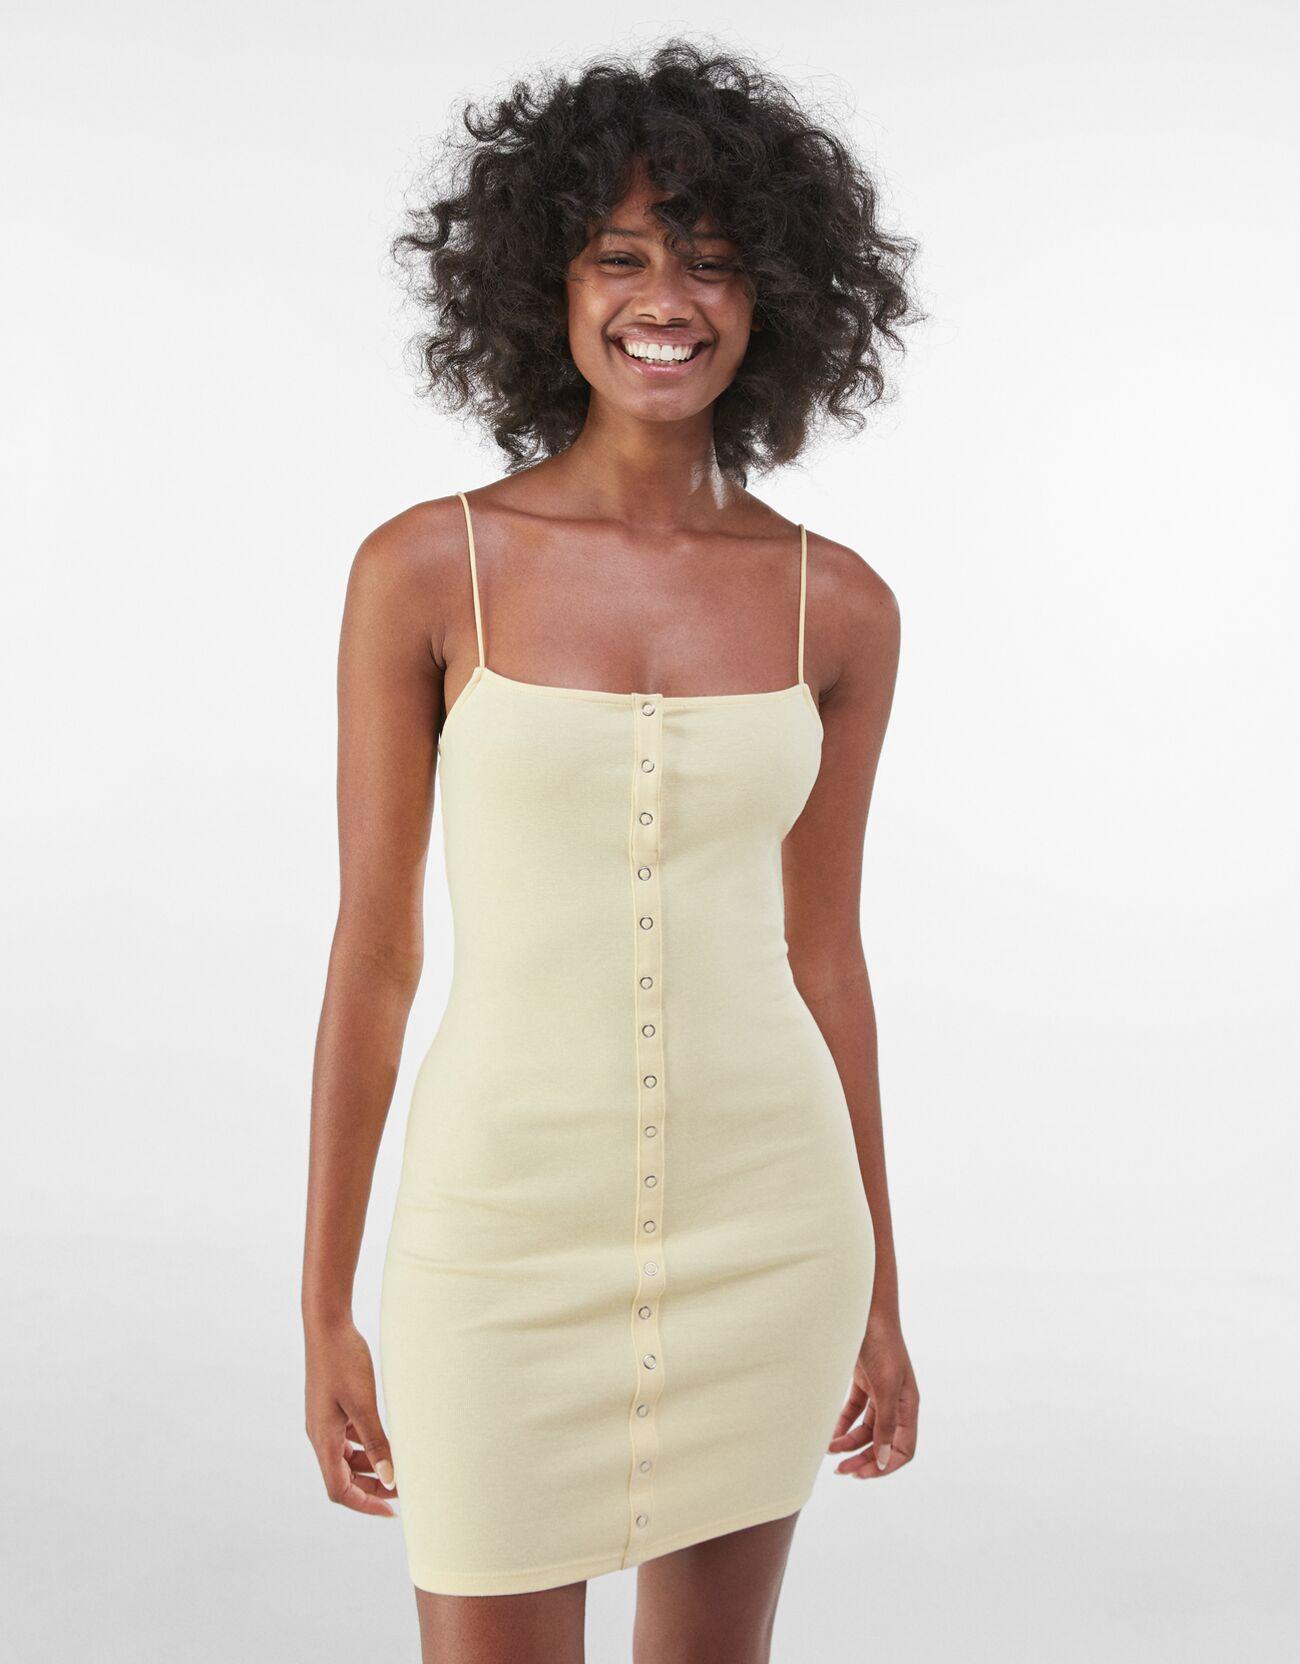 bershka -  Kurzes Kleid Mit Knöpfen Und Patentbündchen Damen S Gelb